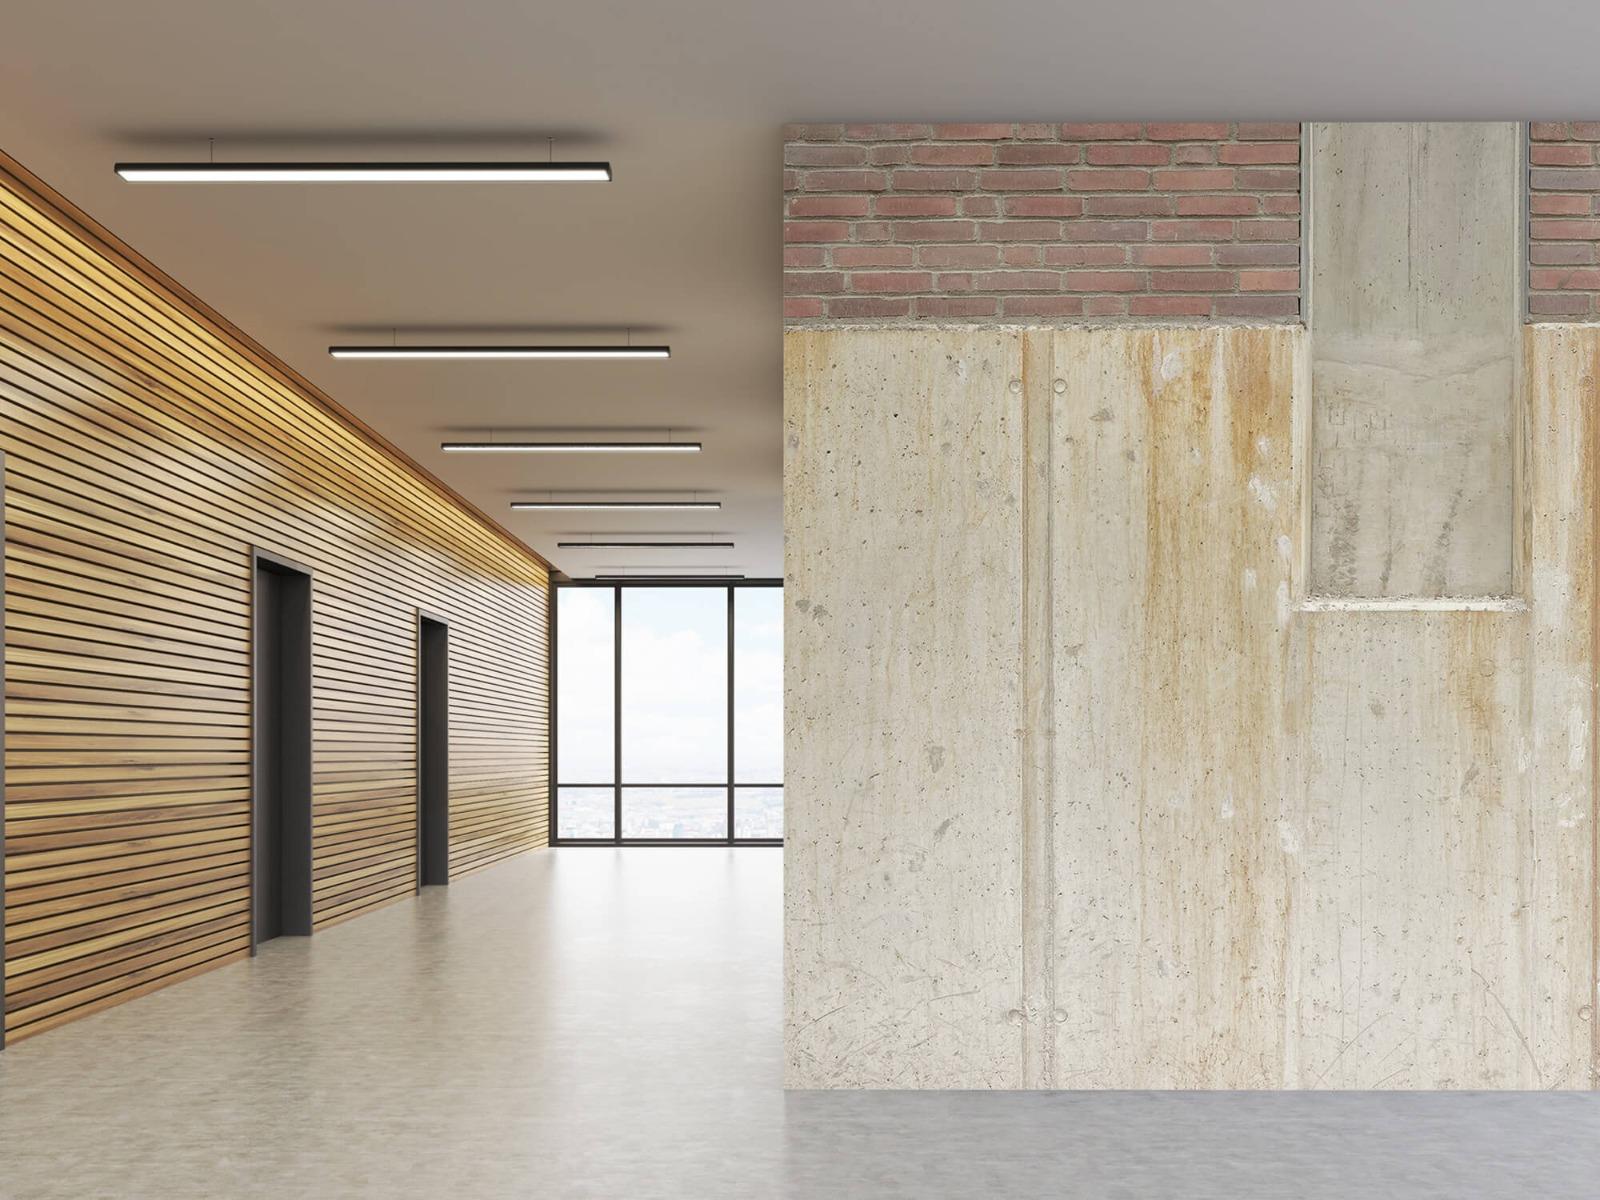 Betonlook behang - Beton en bakstenen - Wallexclusive - Woonkamer 10